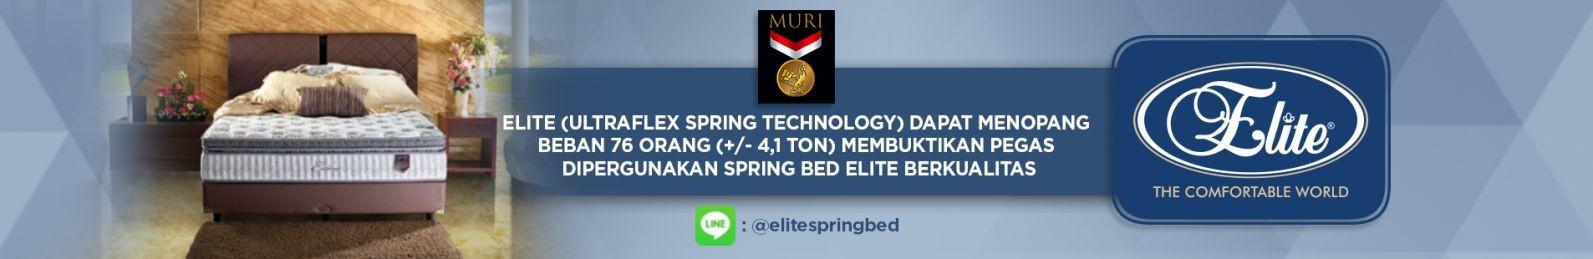 elite springbed